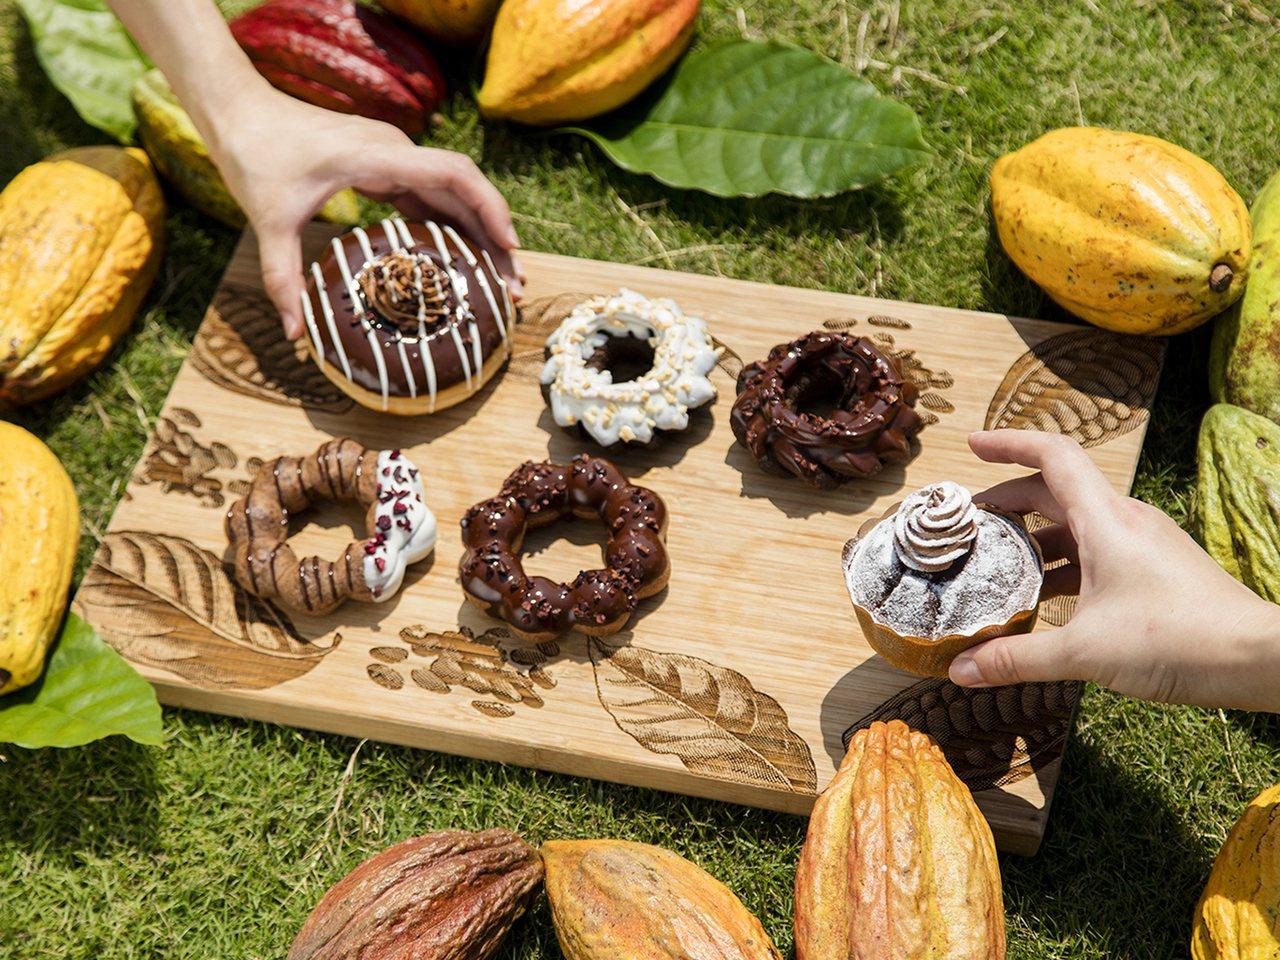 全新6款聯名可可系列甜甜圈。圖/Mister Donut提供